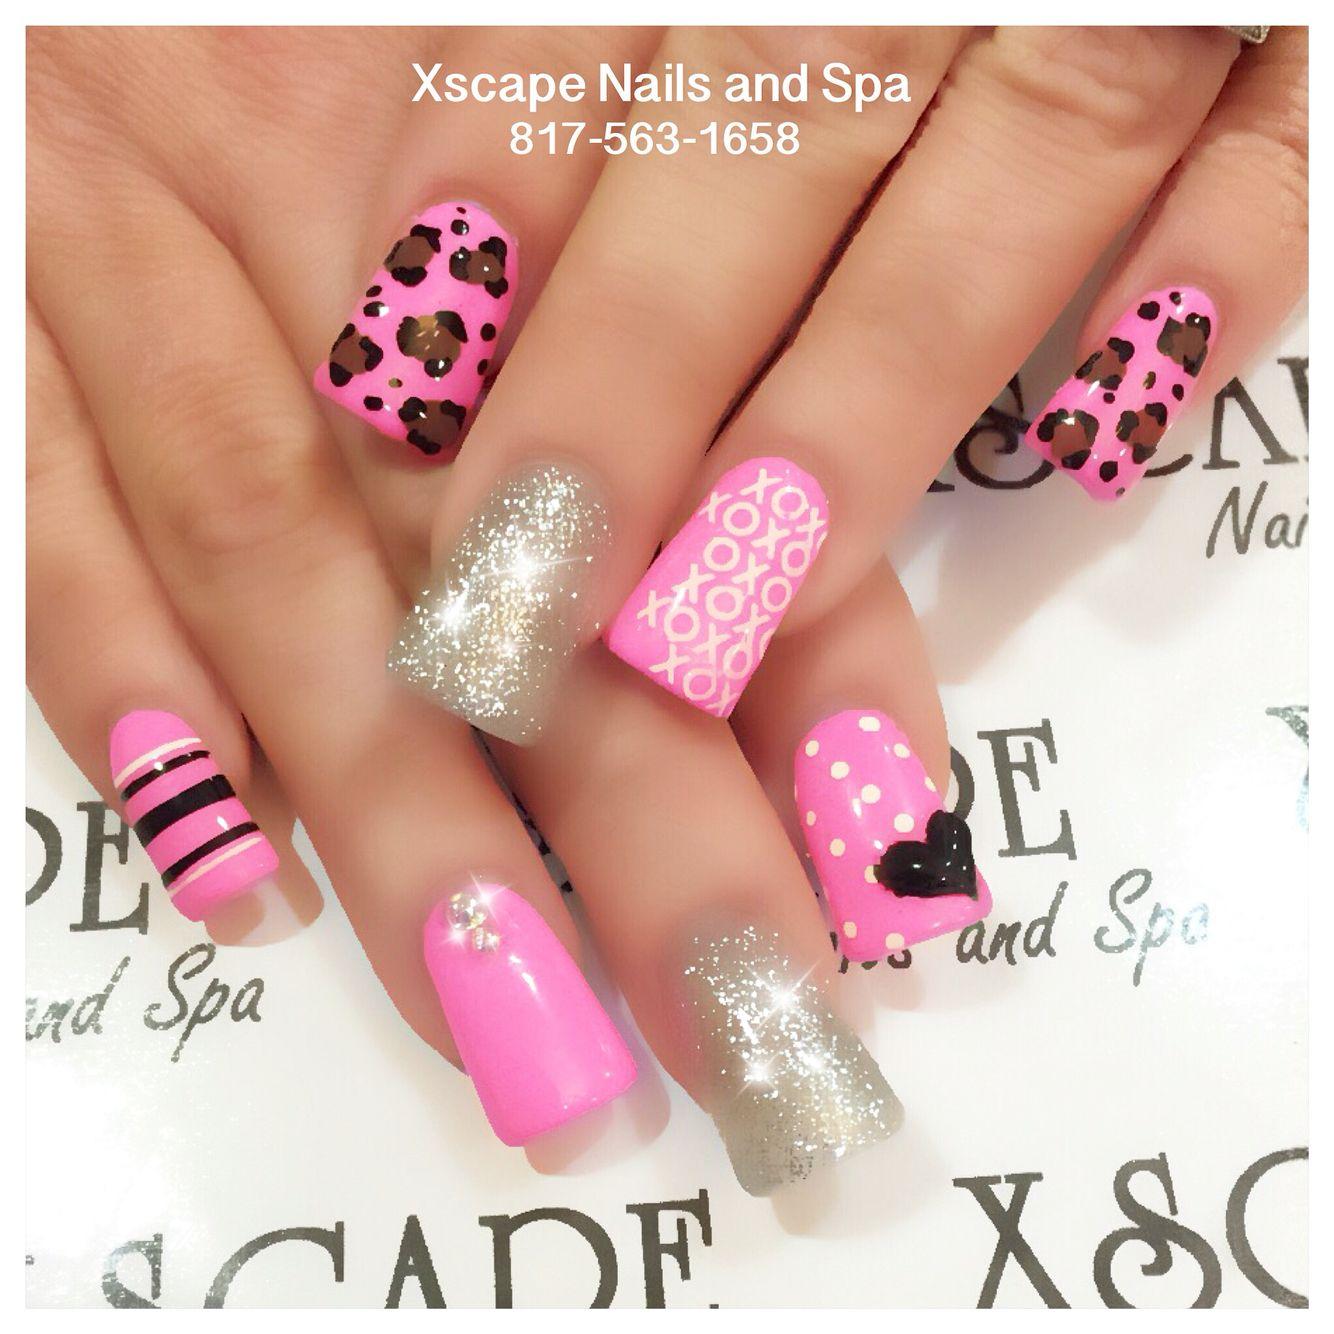 Valentine's Day nail designs - Valentine's Day Nail Designs Cute Nails Designs Pinterest